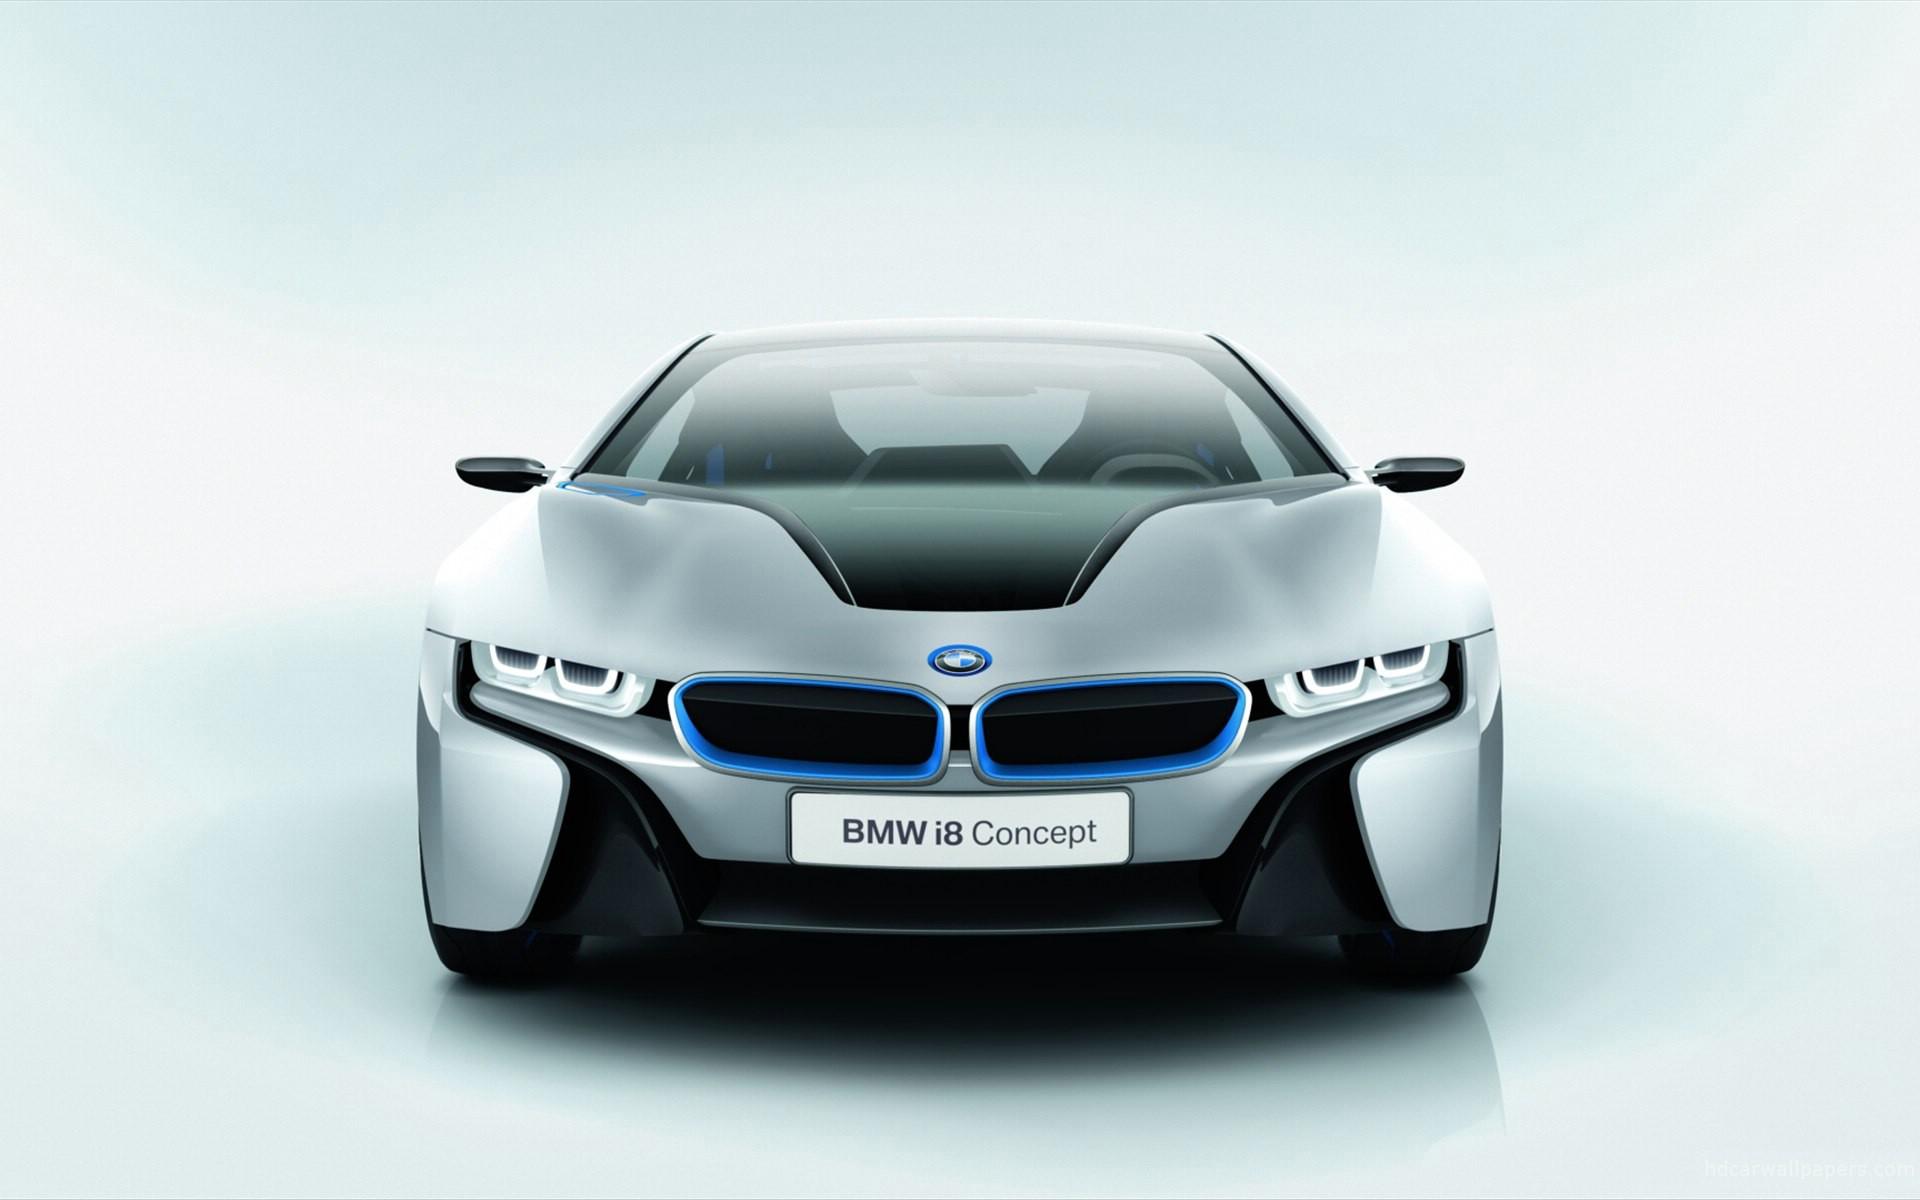 2012 bmw i8 concept wallpaper | hd car wallpapers | id #2150